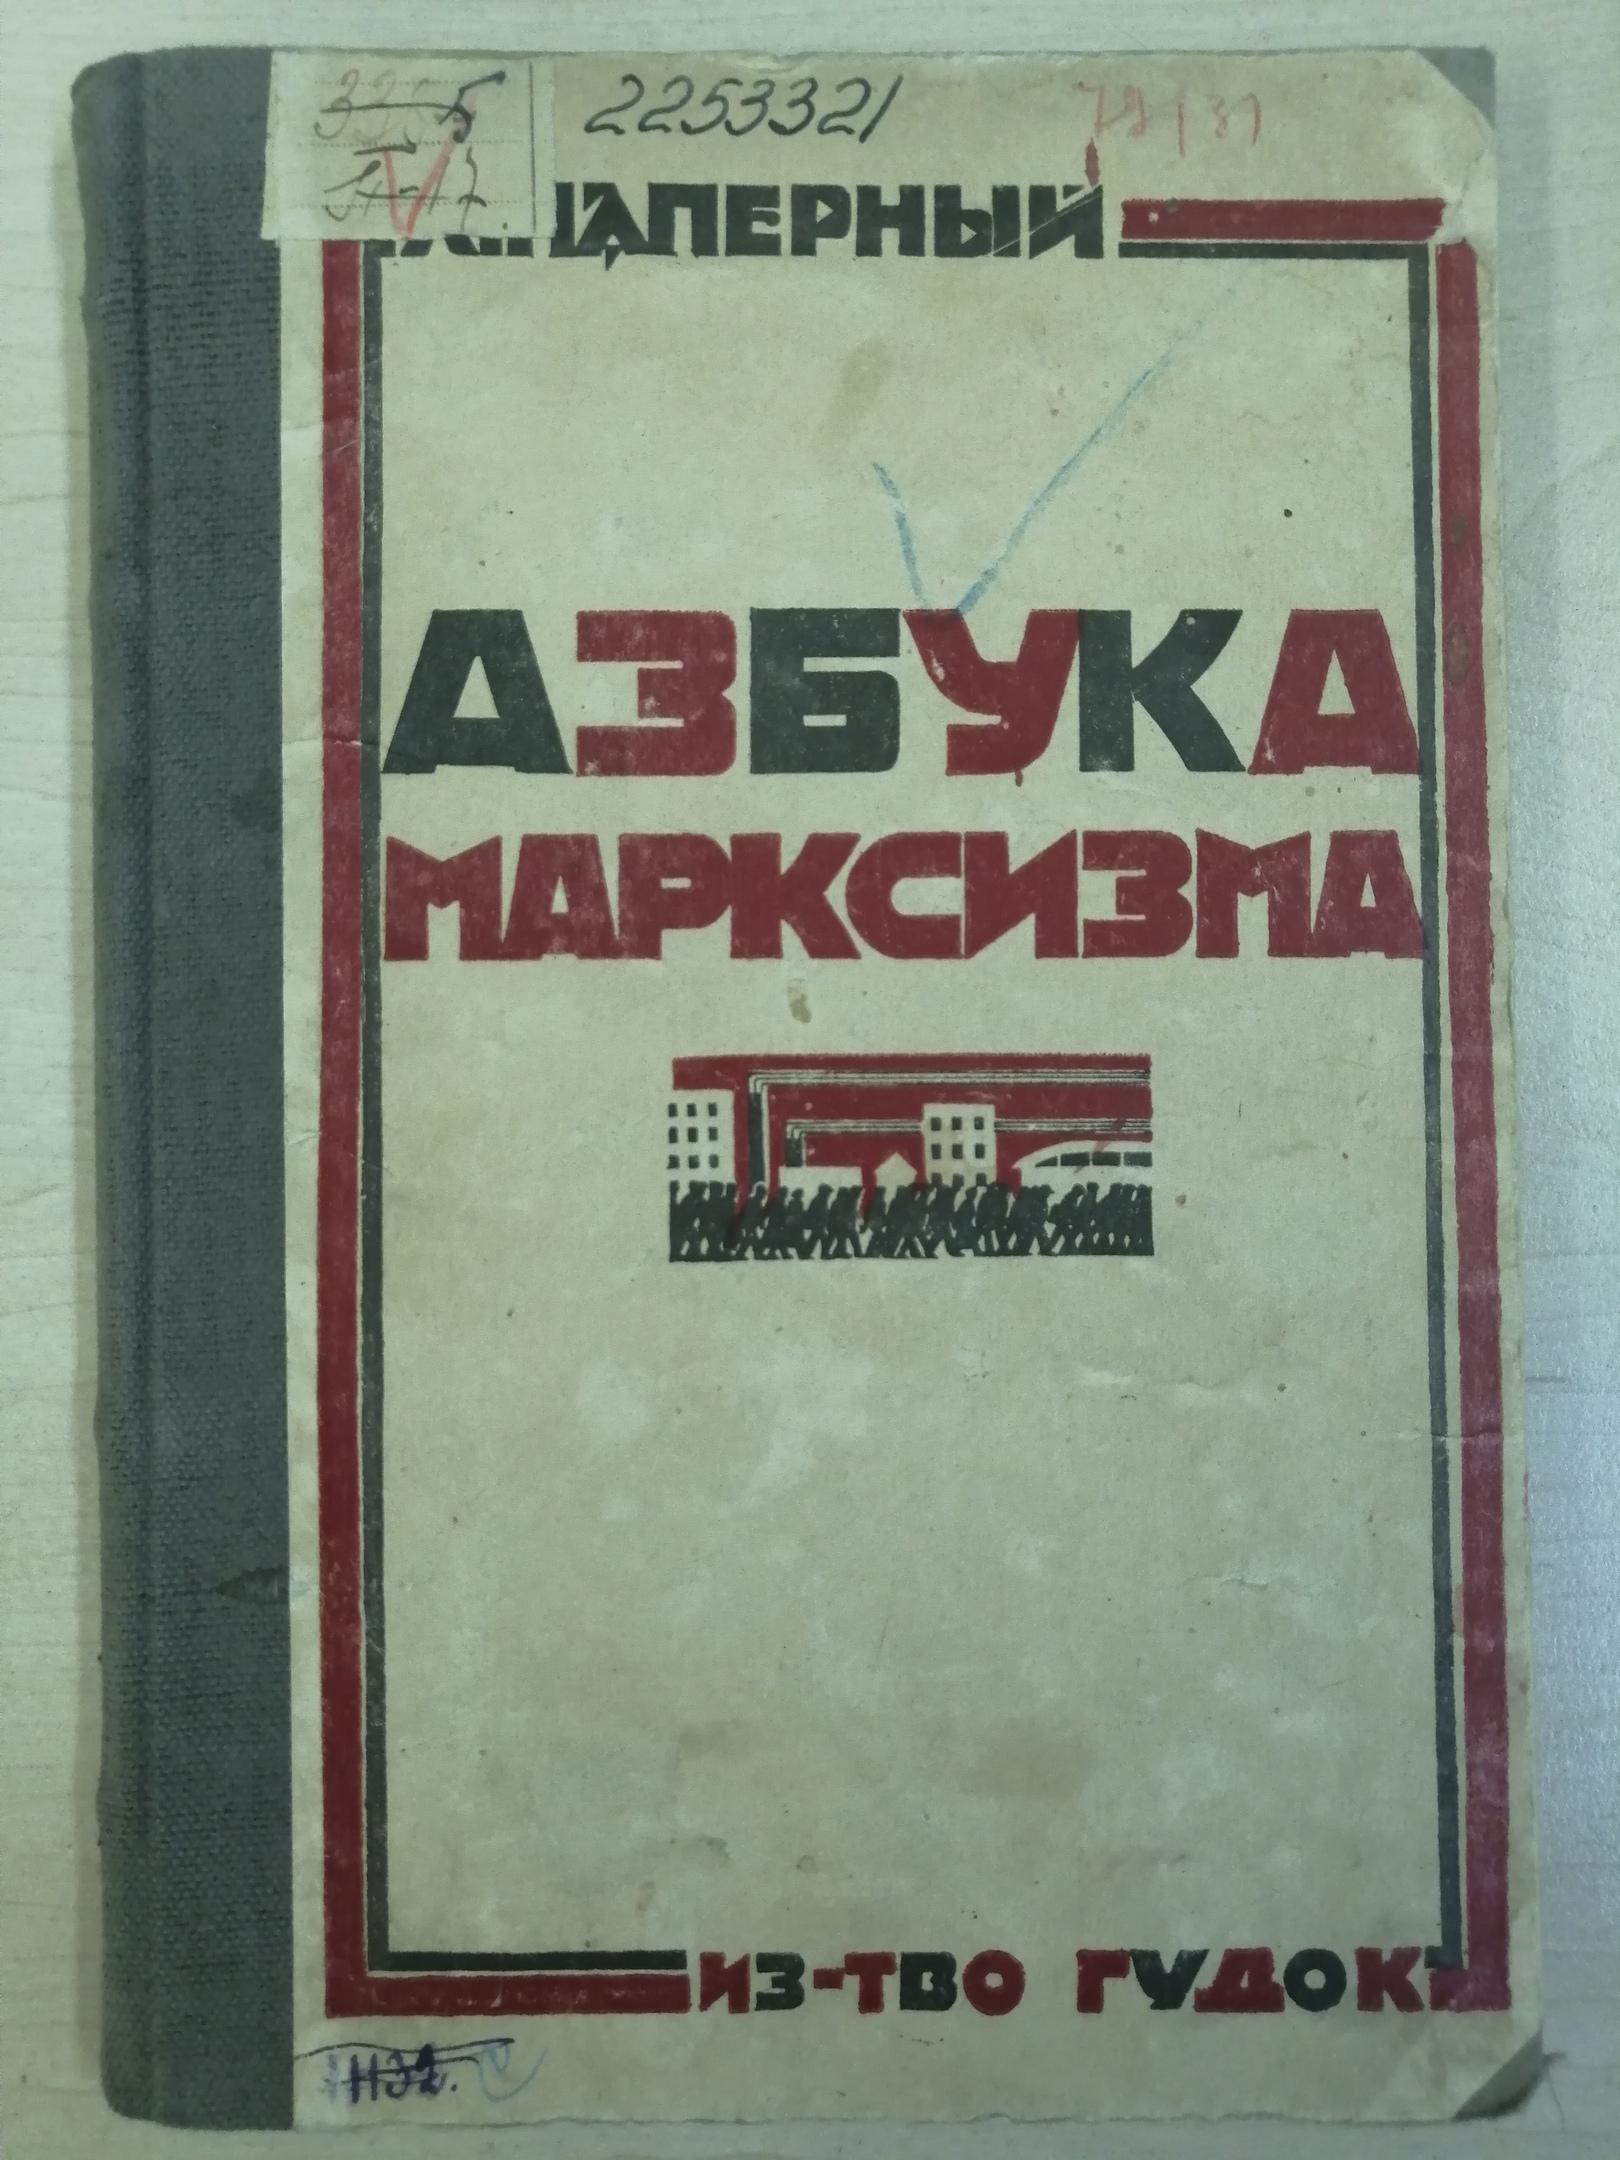 03. Обложка книги Л.Паперного 'Азбука марксизма'